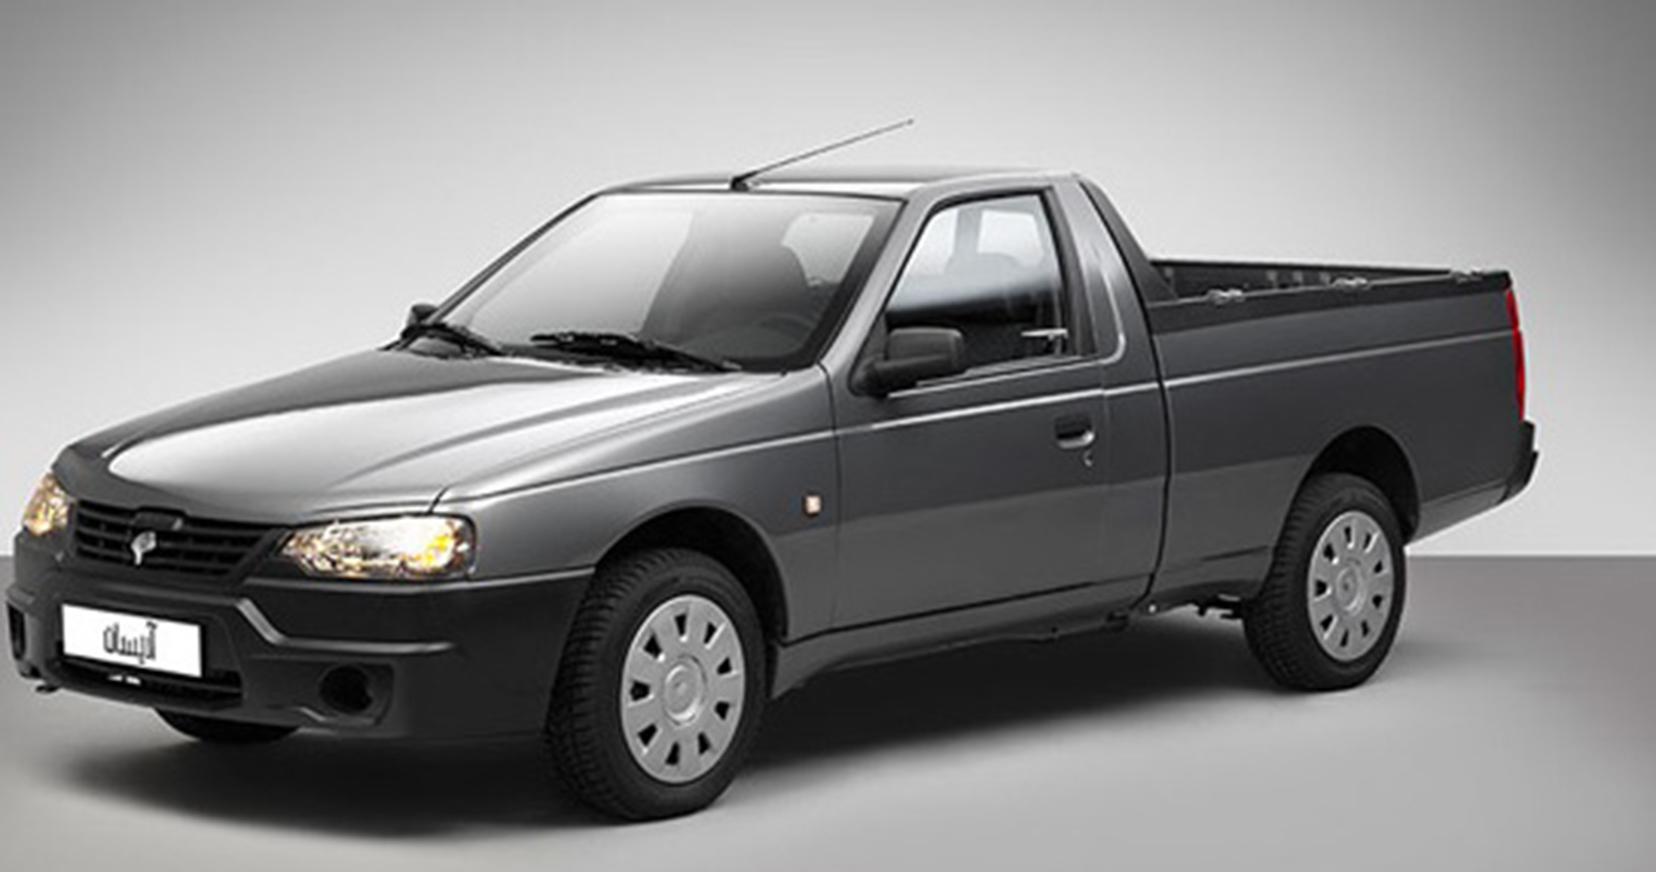 وانت آریسان به عنوان یکی از بی کیفیت ترین خودروهای ایران شناخته شد